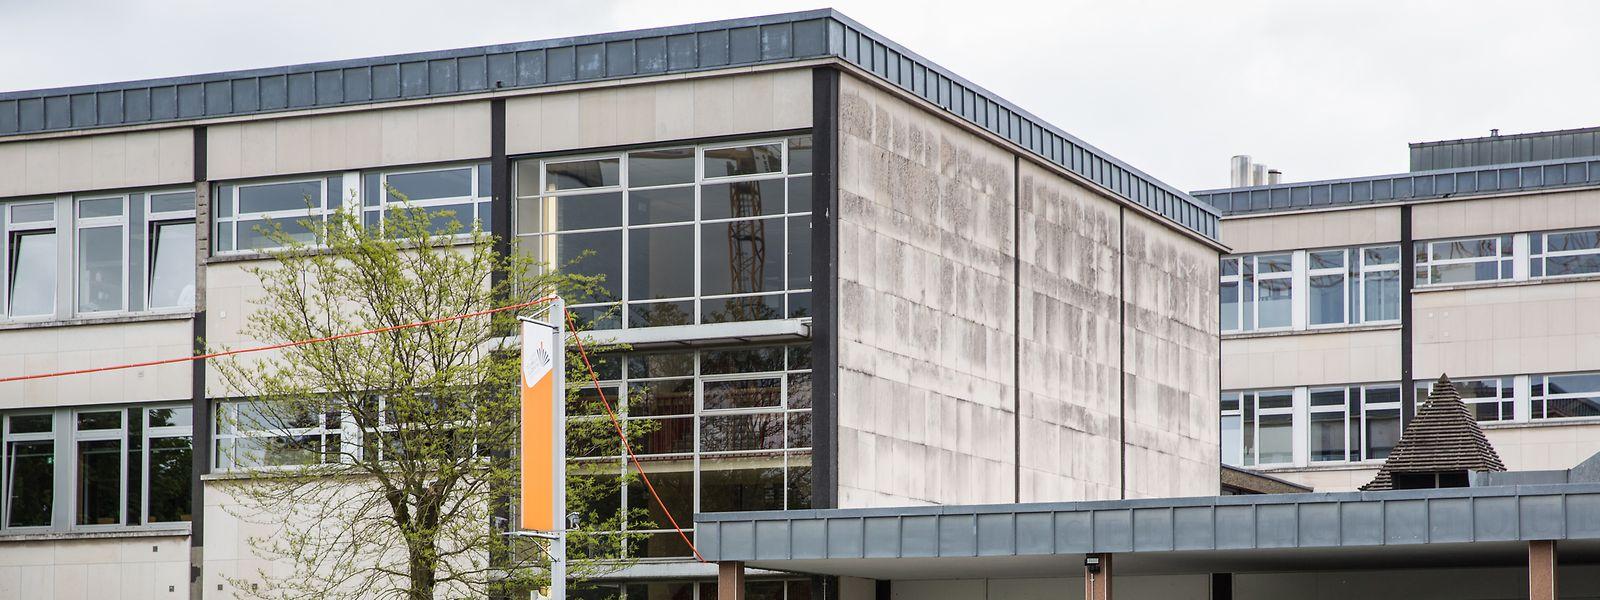 Das Lycée technique du Centre (LTC) bekommt 2027 nahe des Ban de Gasperich eine neue Heimat.